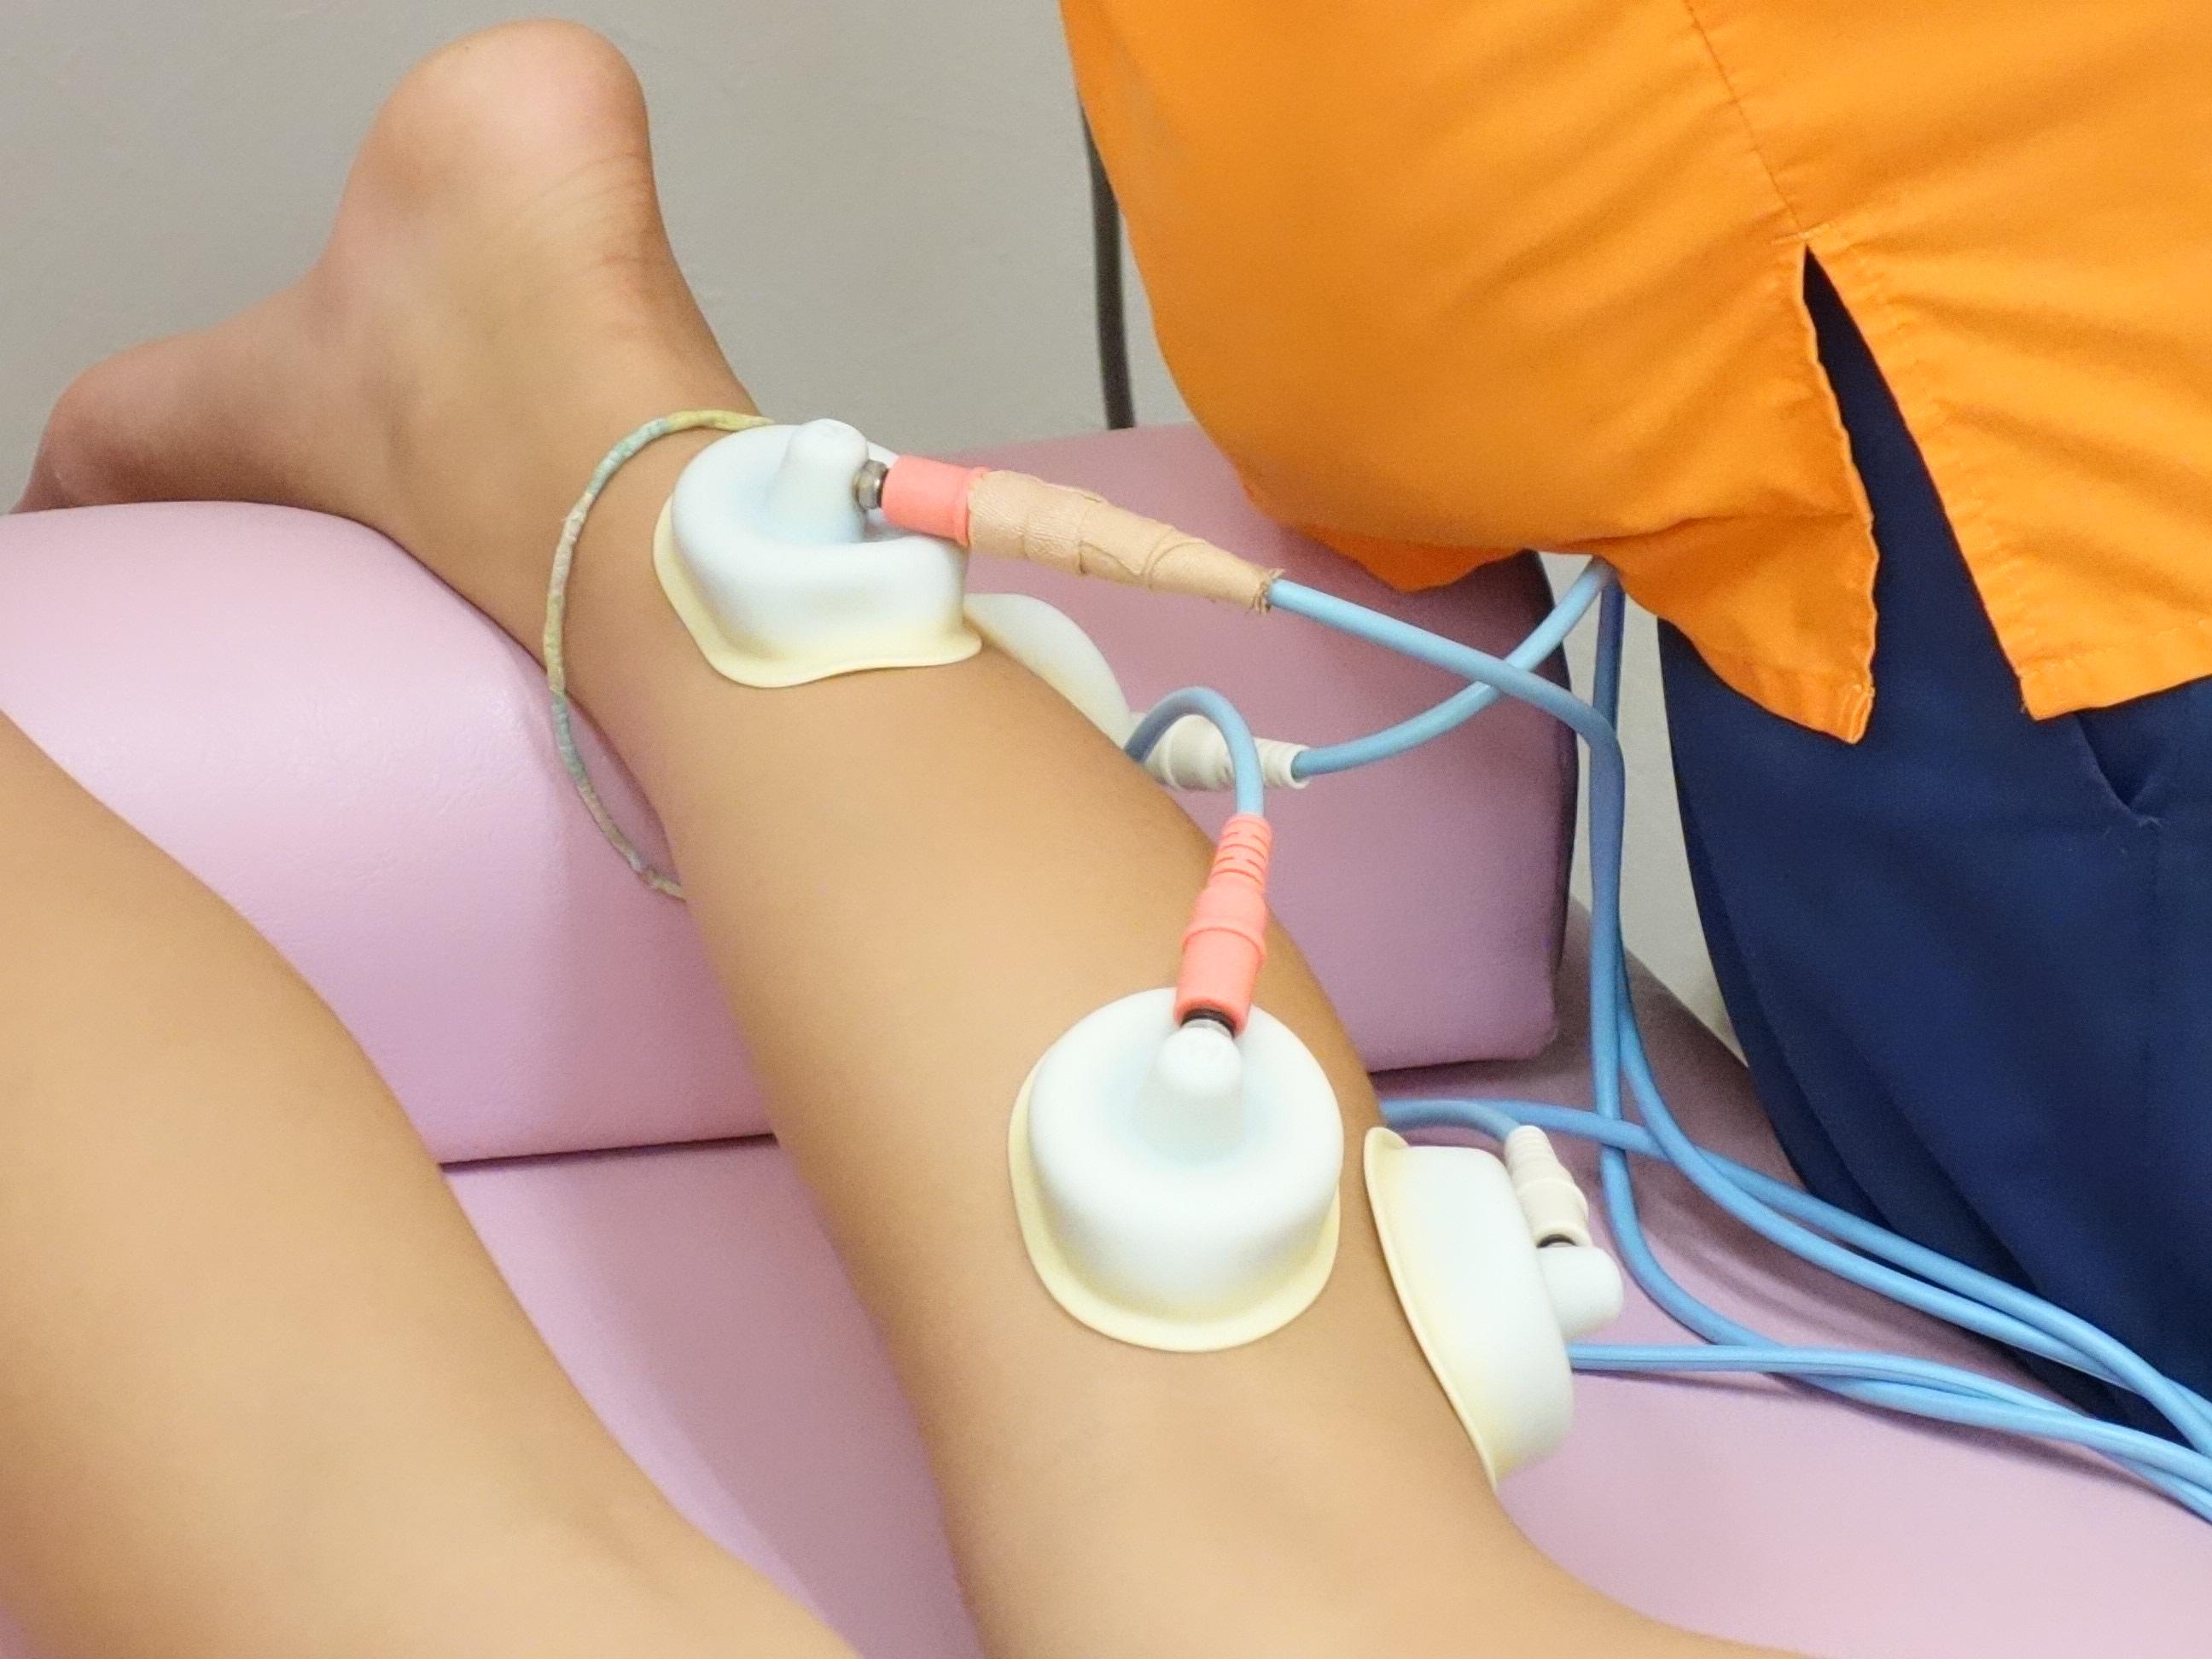 シンスプリントの電気治療をしている写真